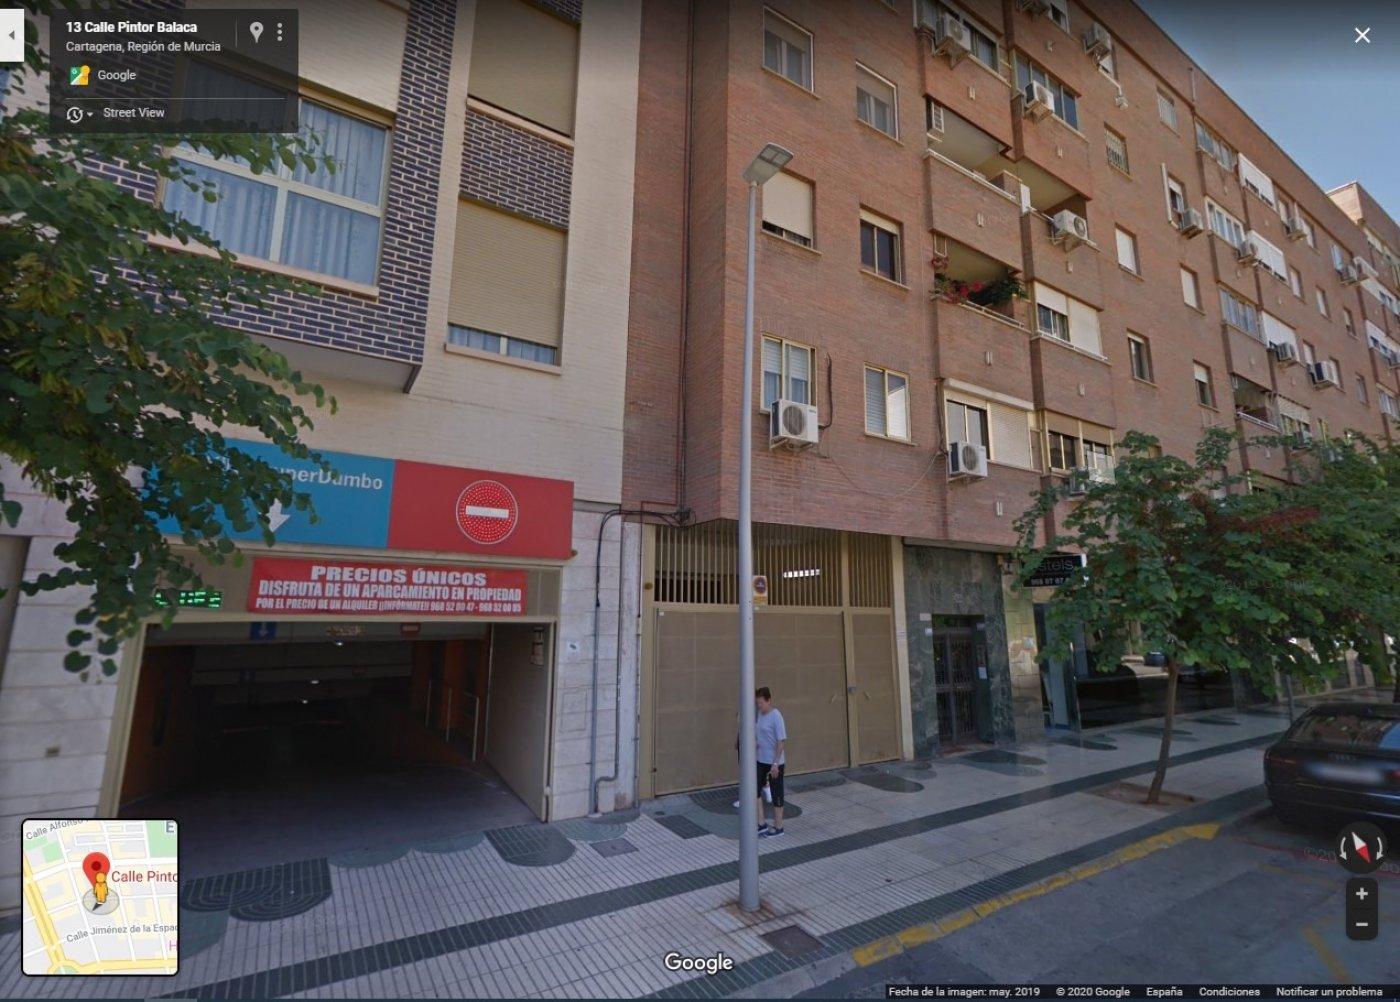 Alquiler Parking coche  Cartagena ,ramon y cajal. Inmocartago alquila plaza de garaje en c/ pintor balaca frente a